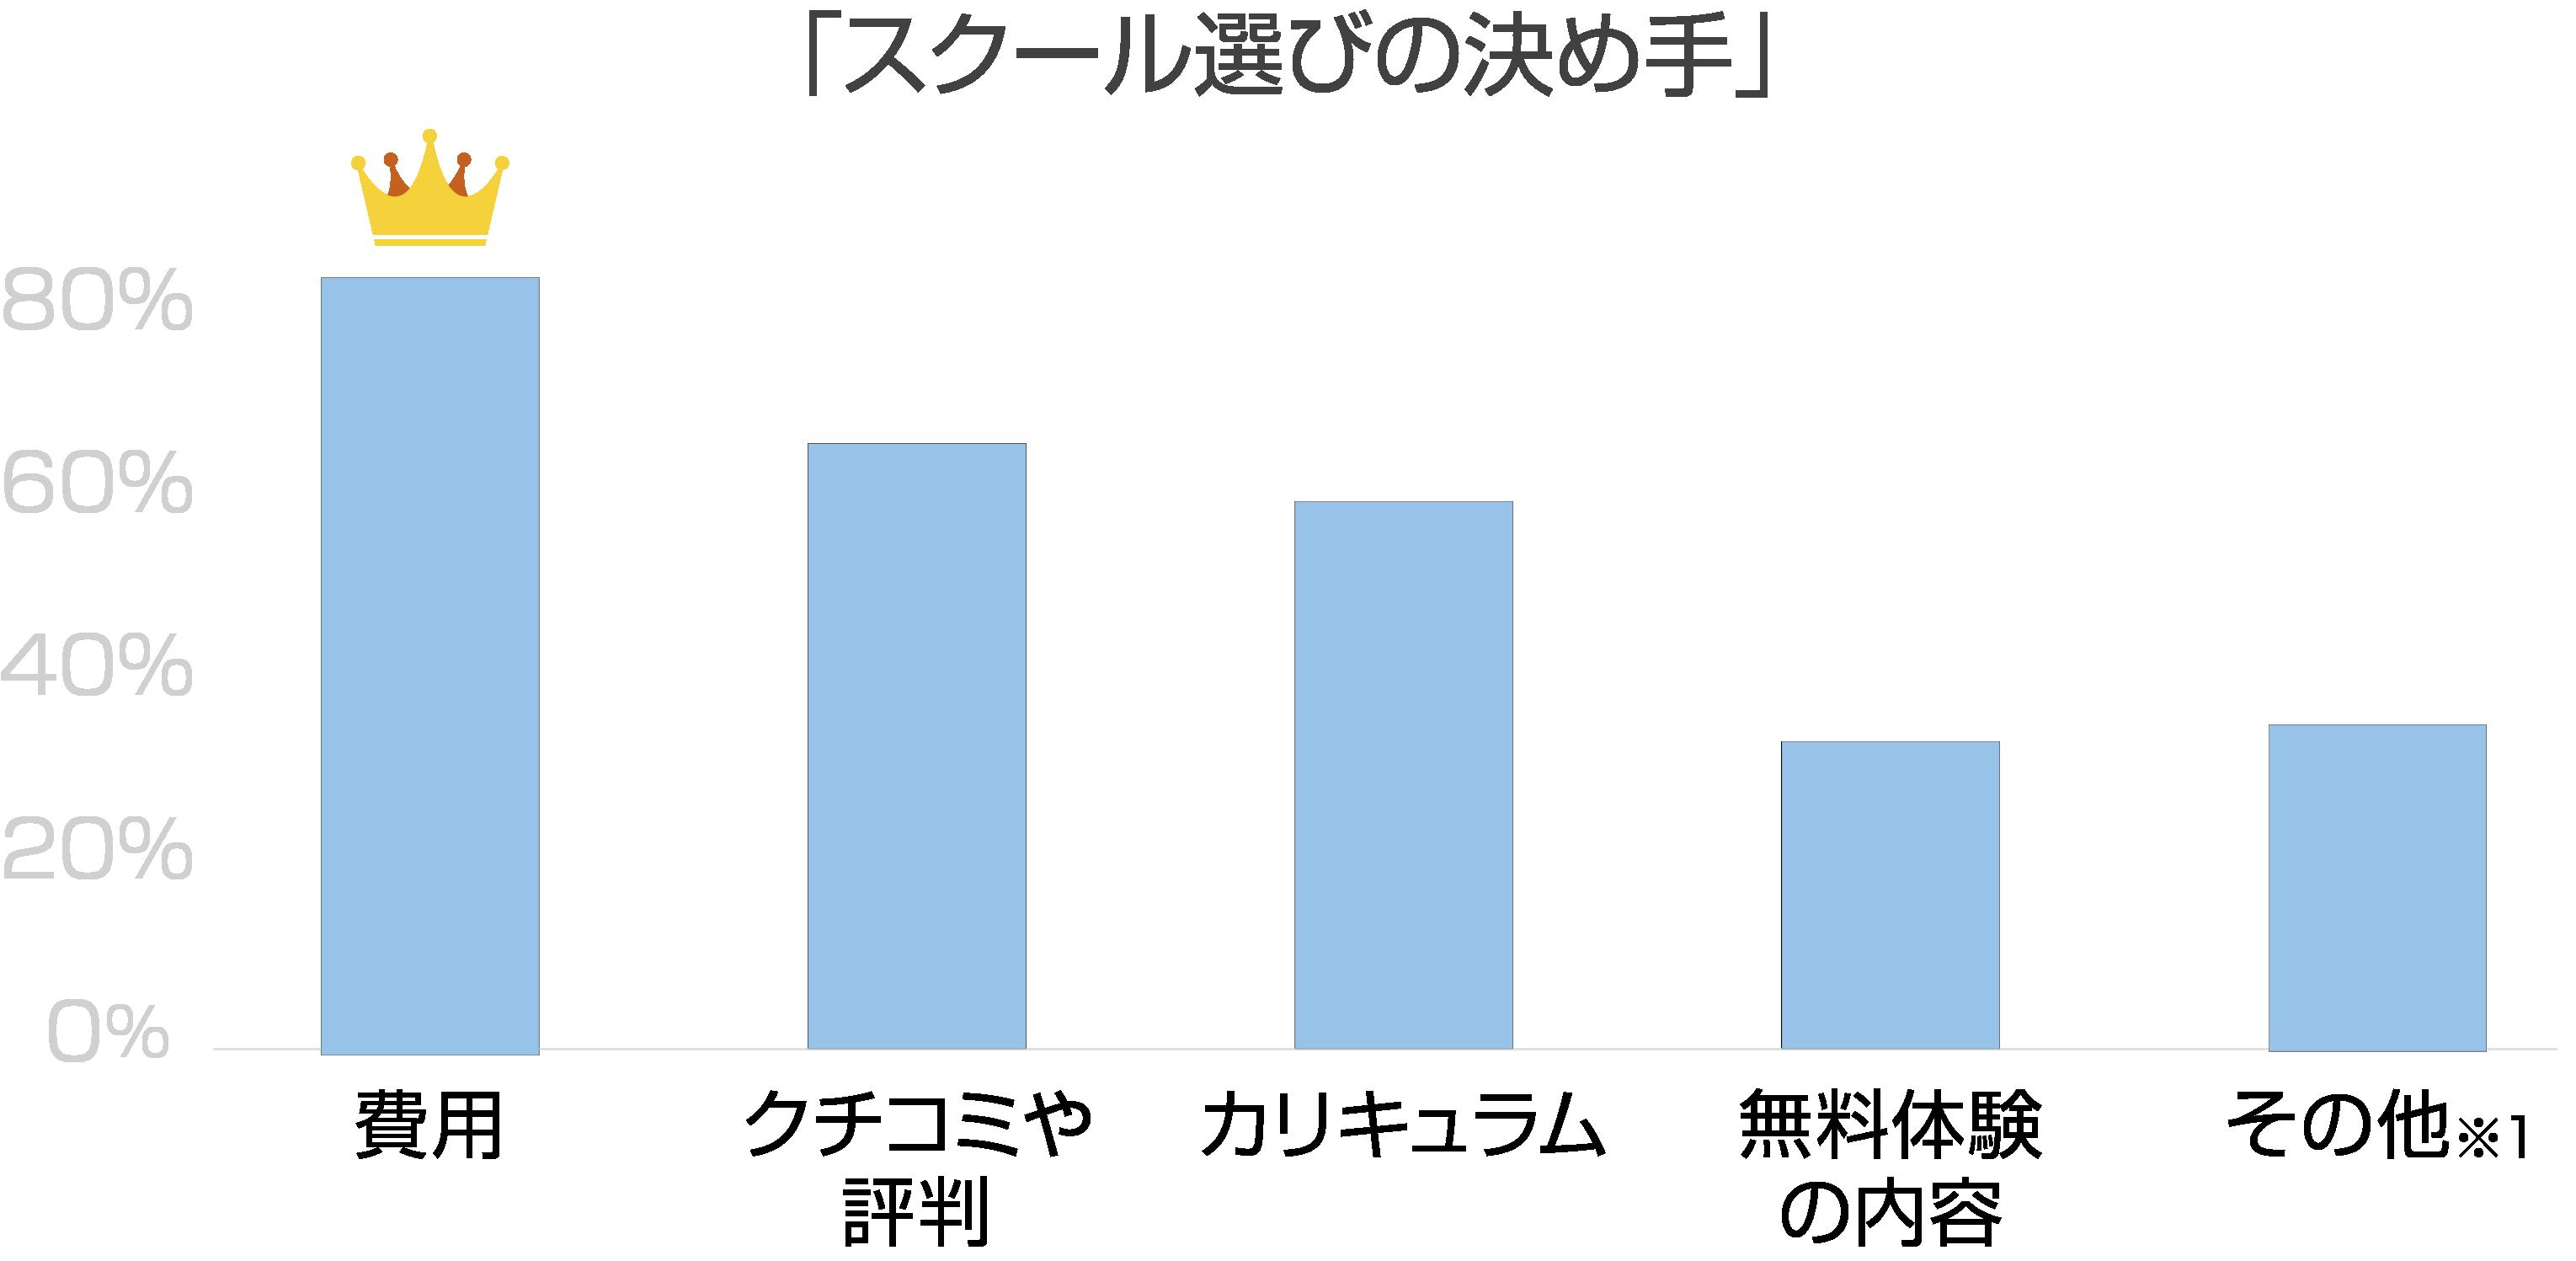 スクール選びの決め手グラフ